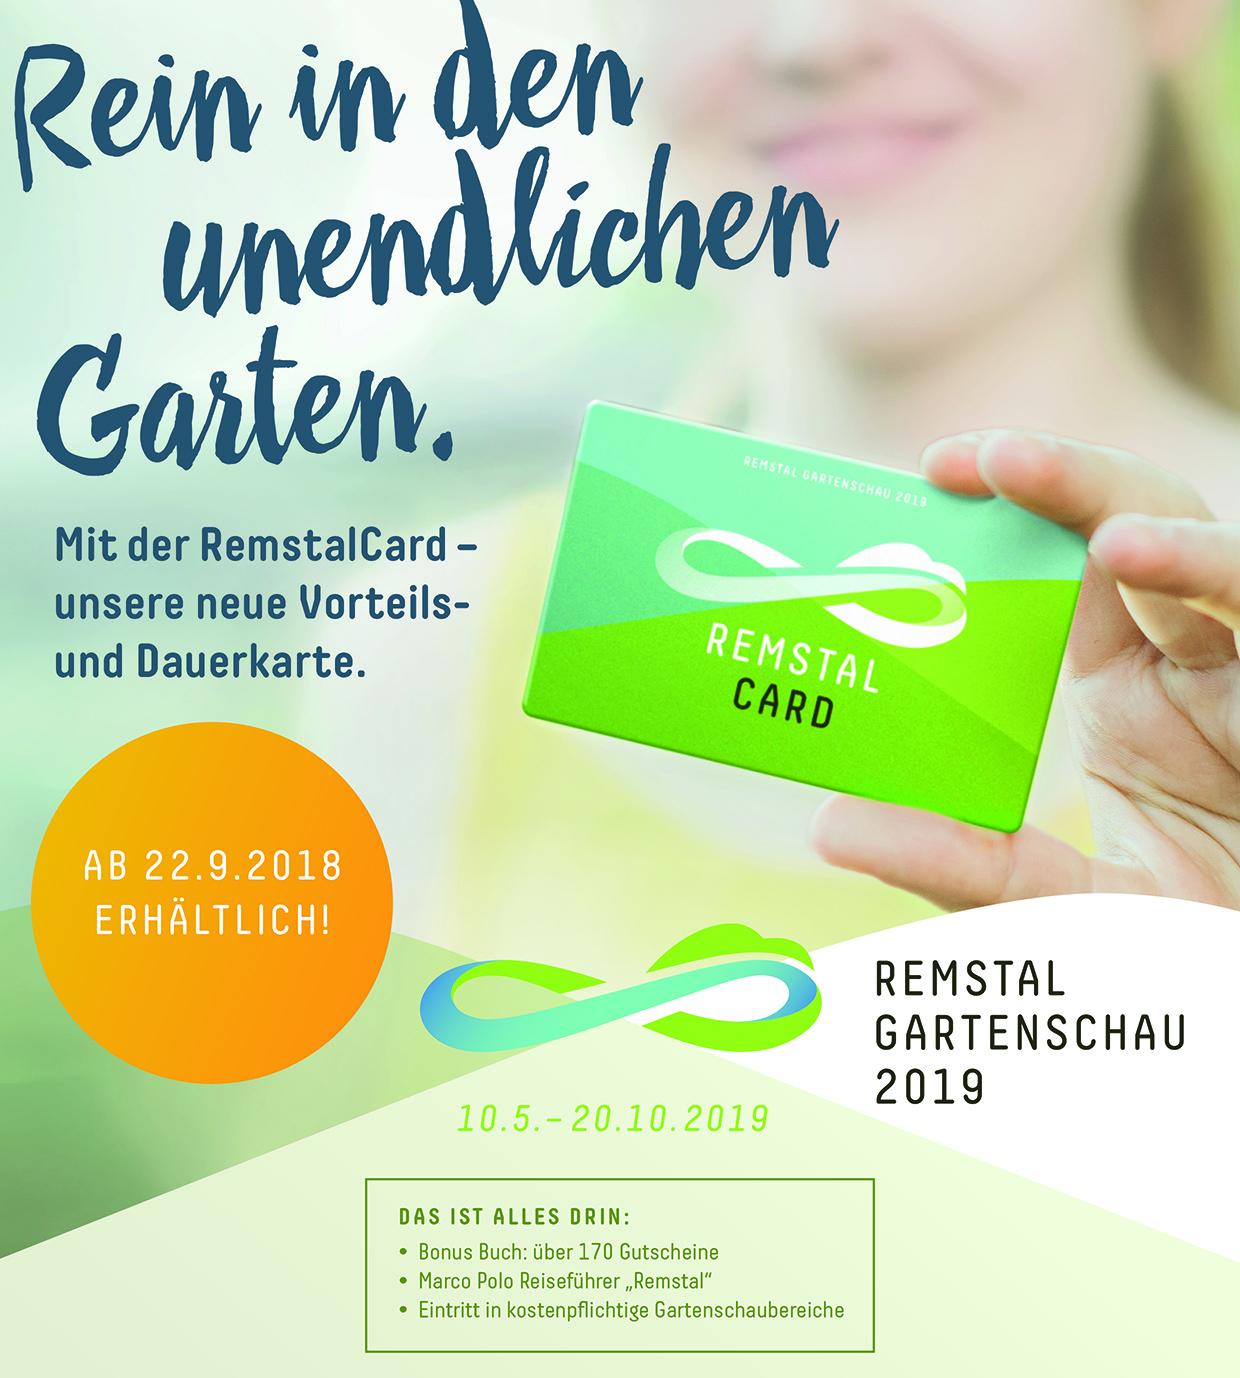 Remtal Gartenschau 2019: RemstalCard